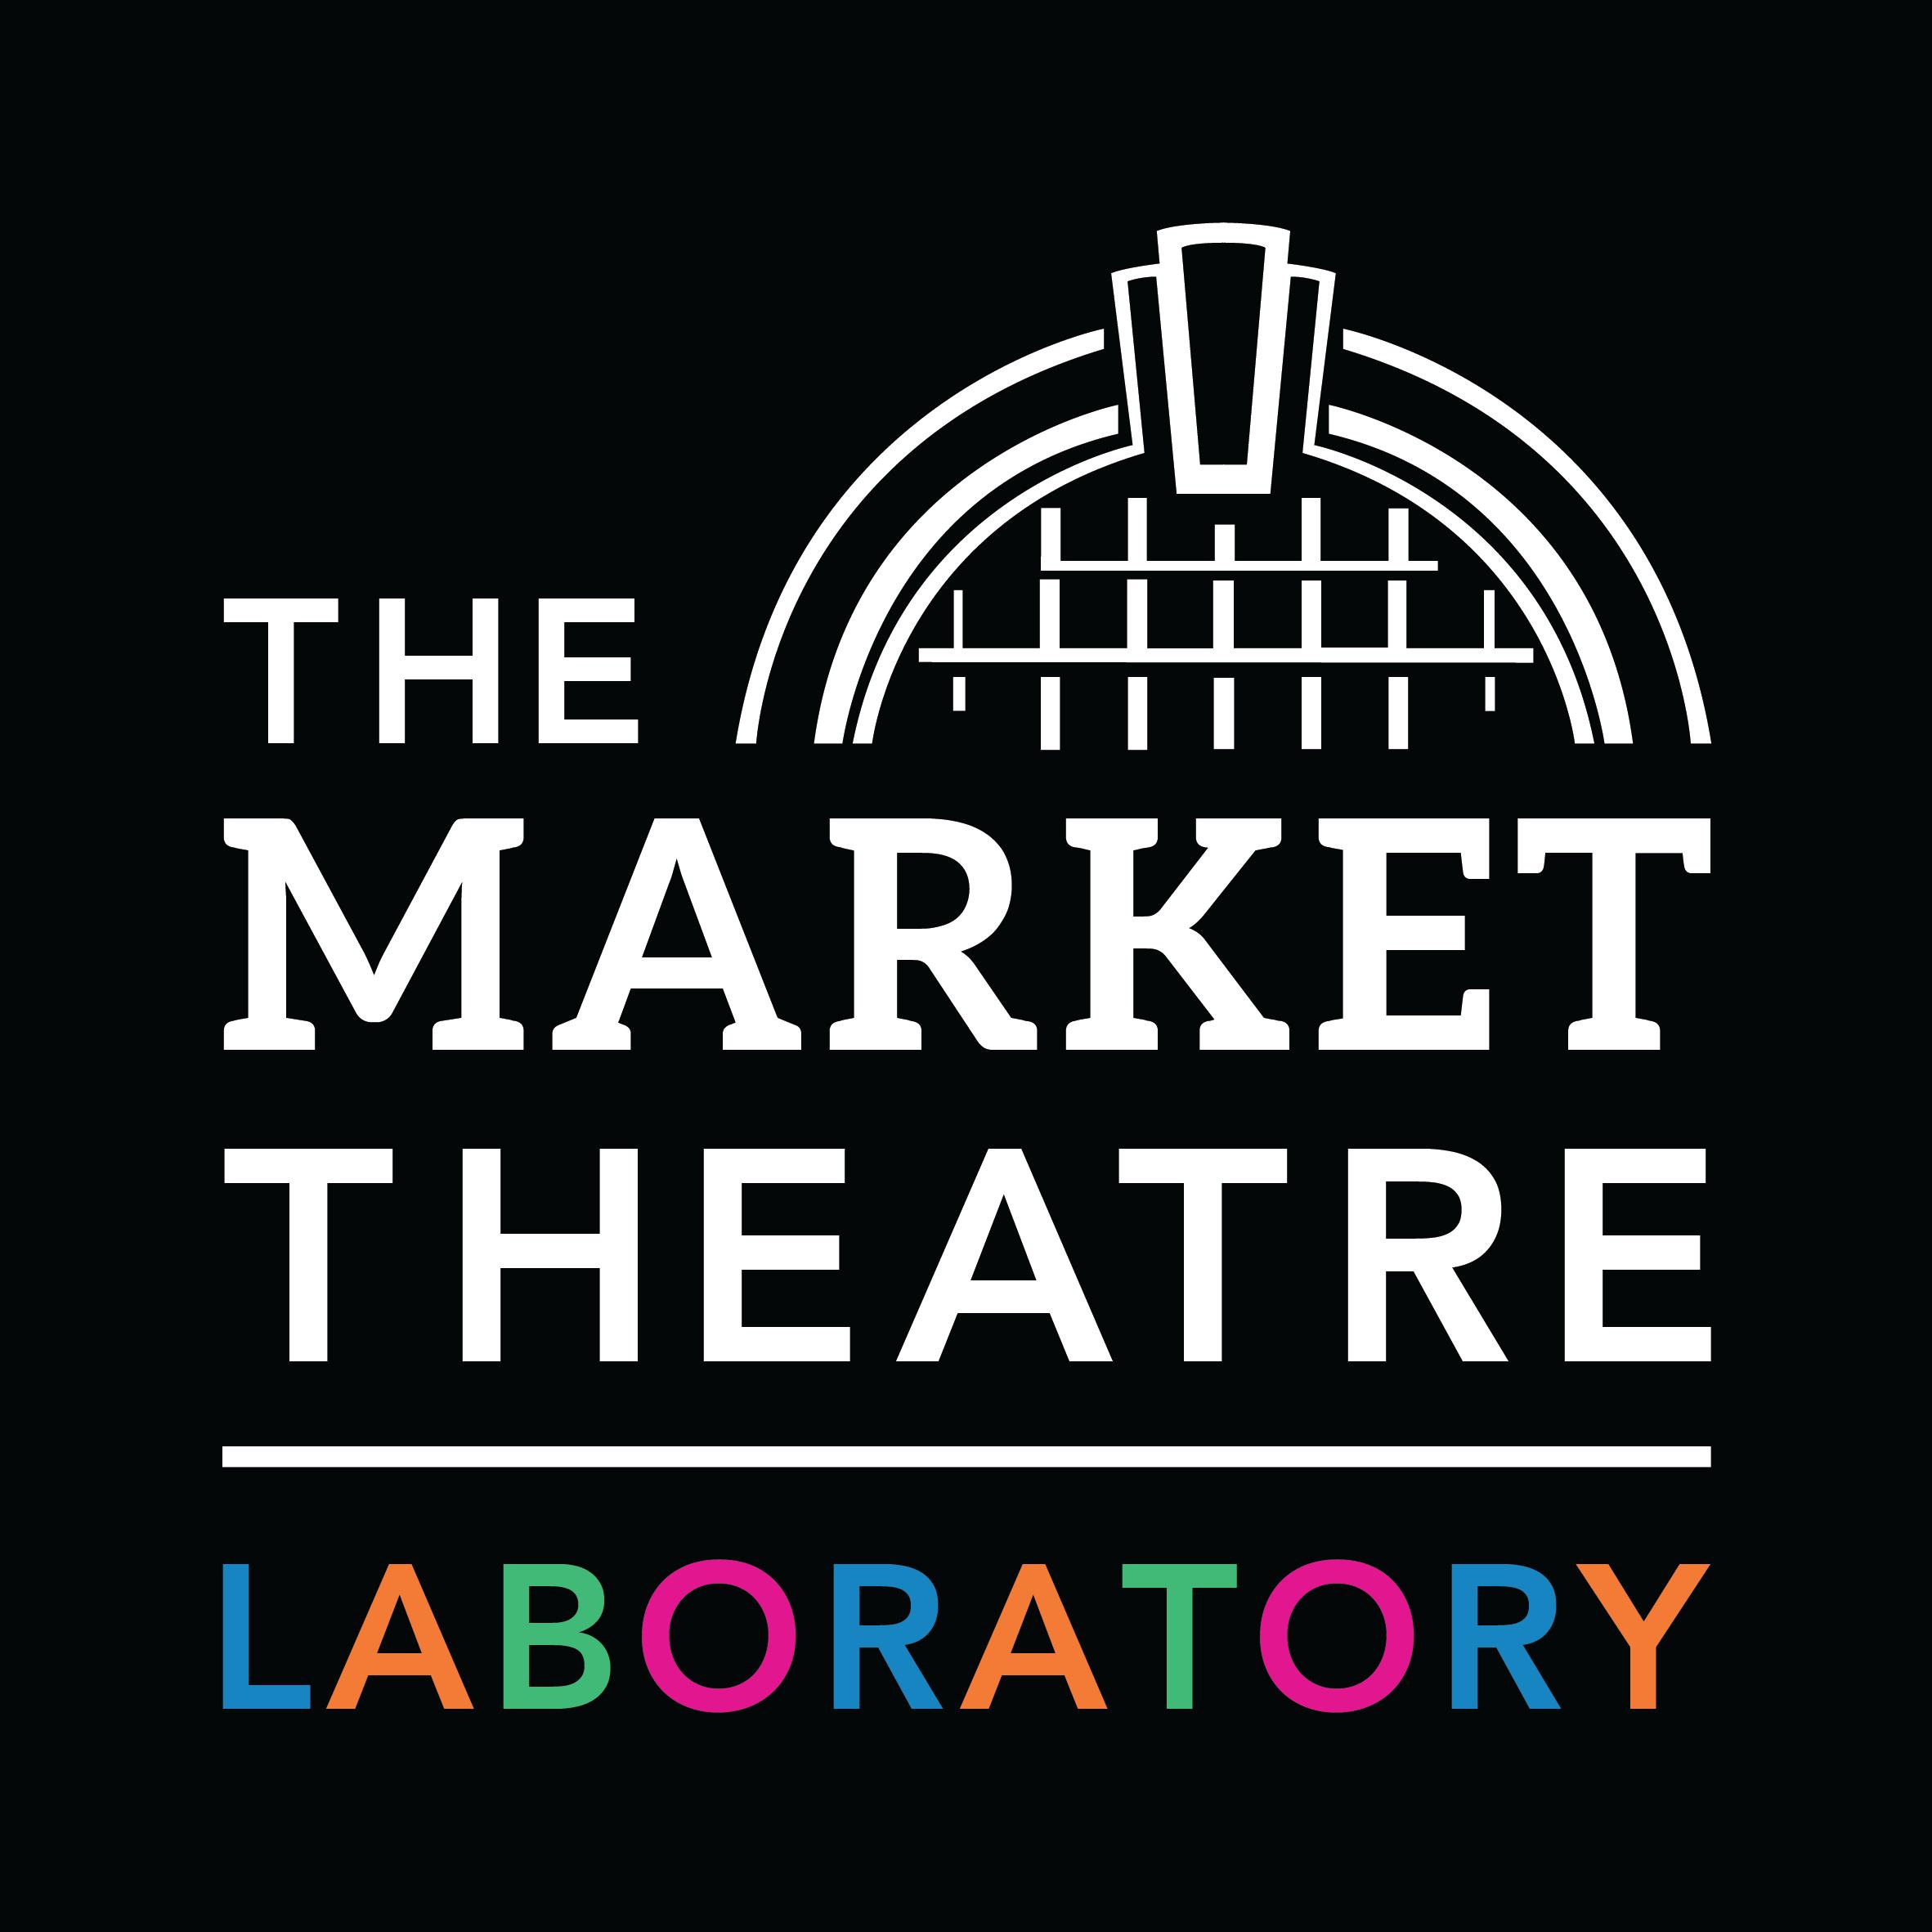 market-theatre-laboratory-white-and-colour